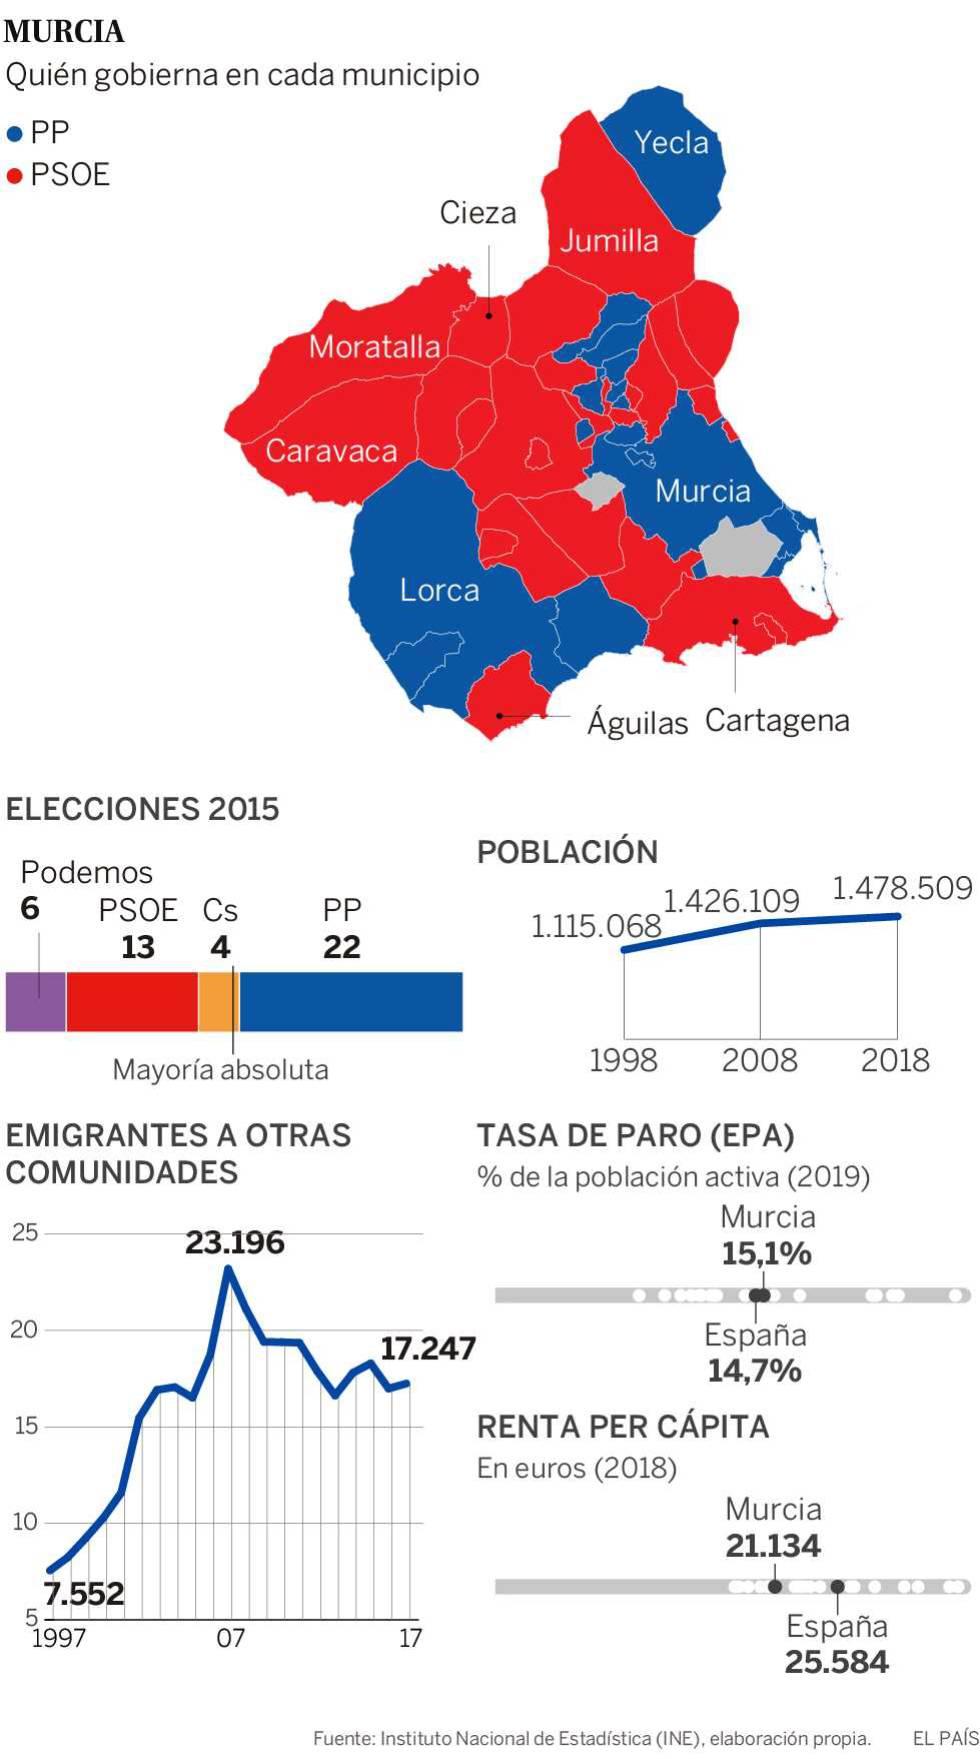 Mapa Region De Murcia Elecciones.Murcia El Caballo De Batalla Del Agua Espana El Pais